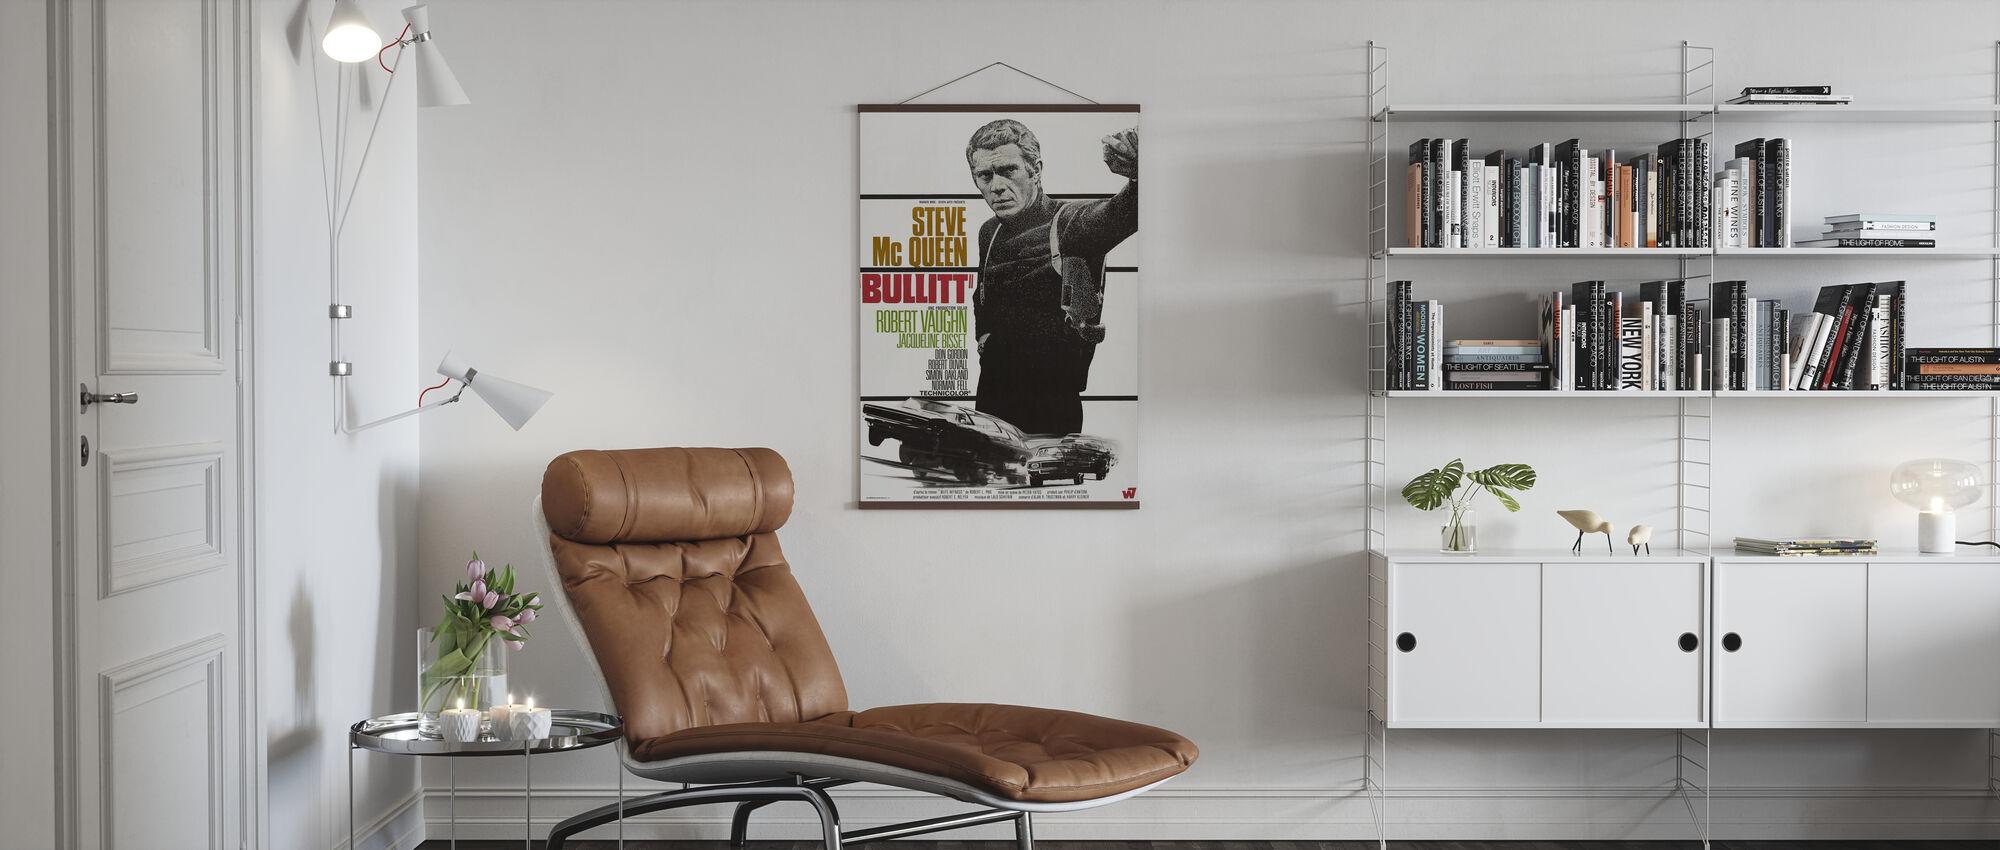 Bullitt - Poster - Living Room